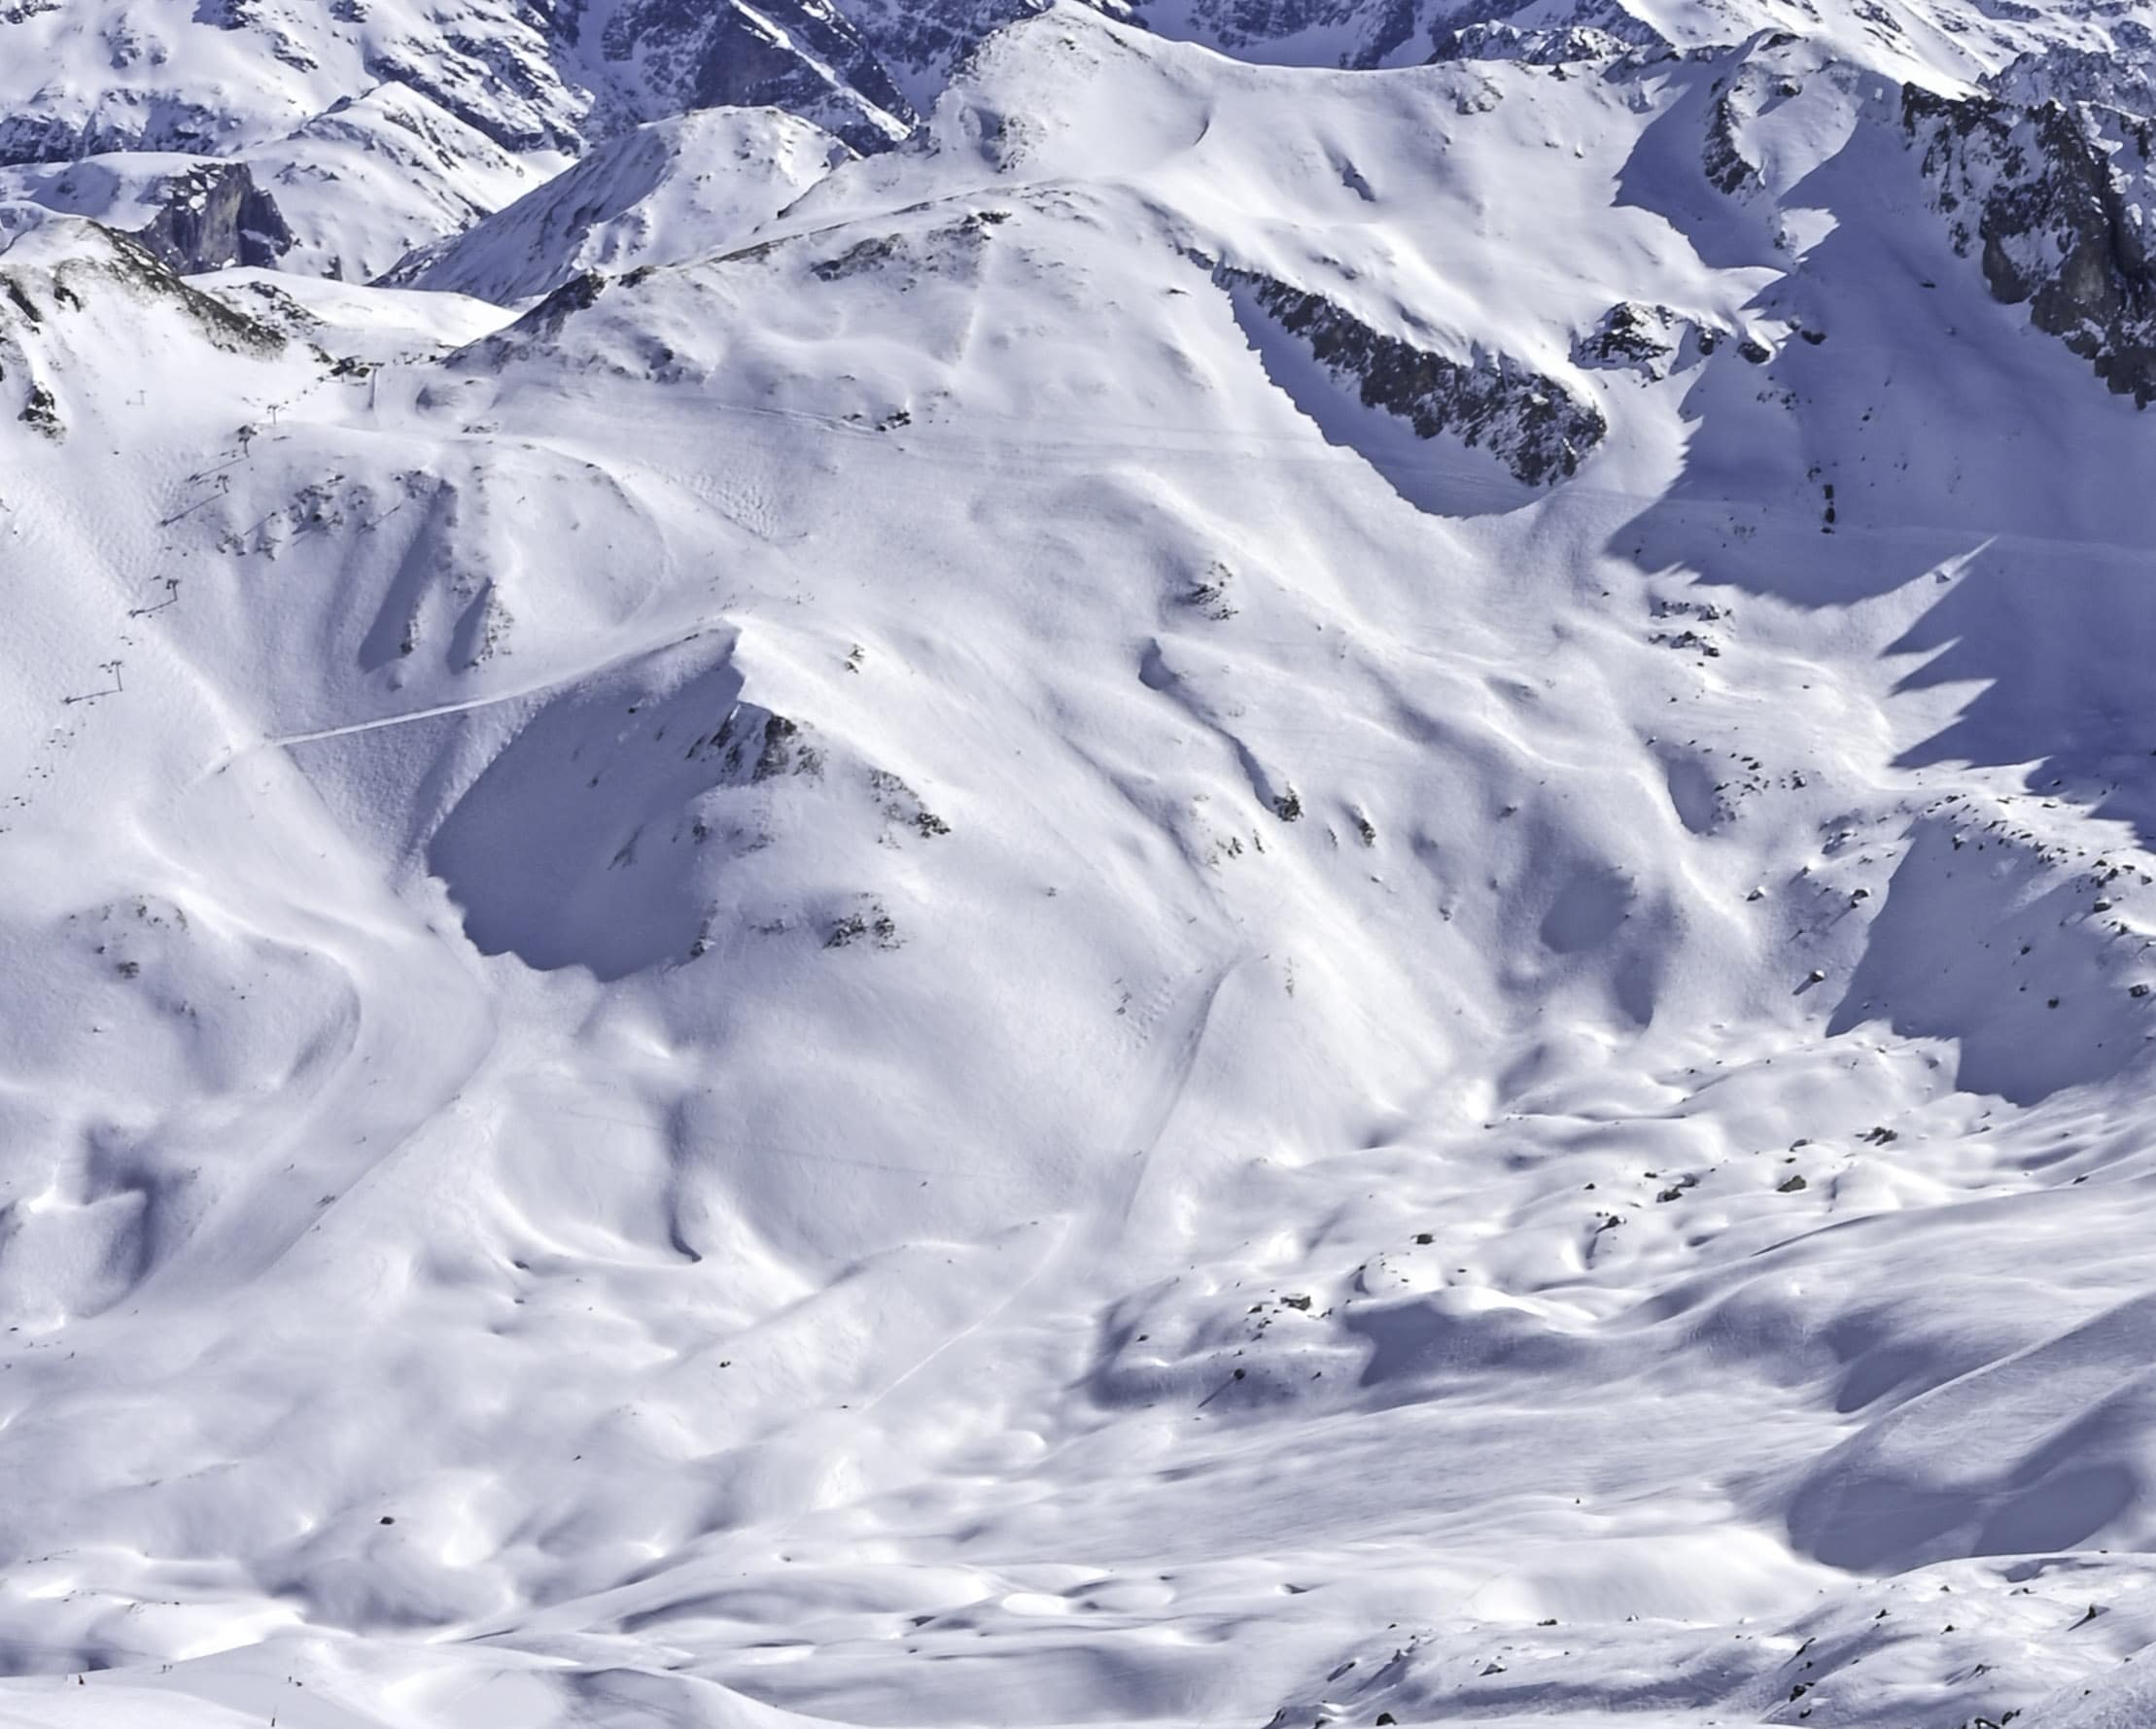 Chanrossa ski run Courchevel